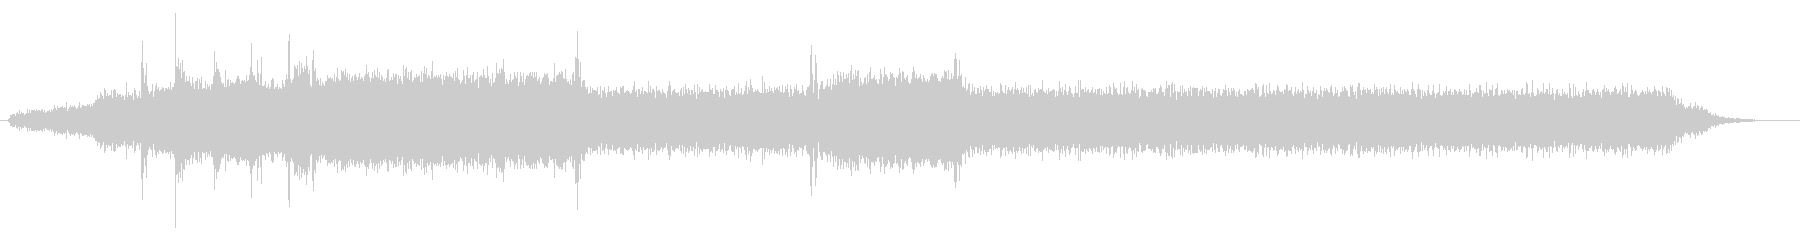 光学ドライブ01-3(動作音)の未再生の波形